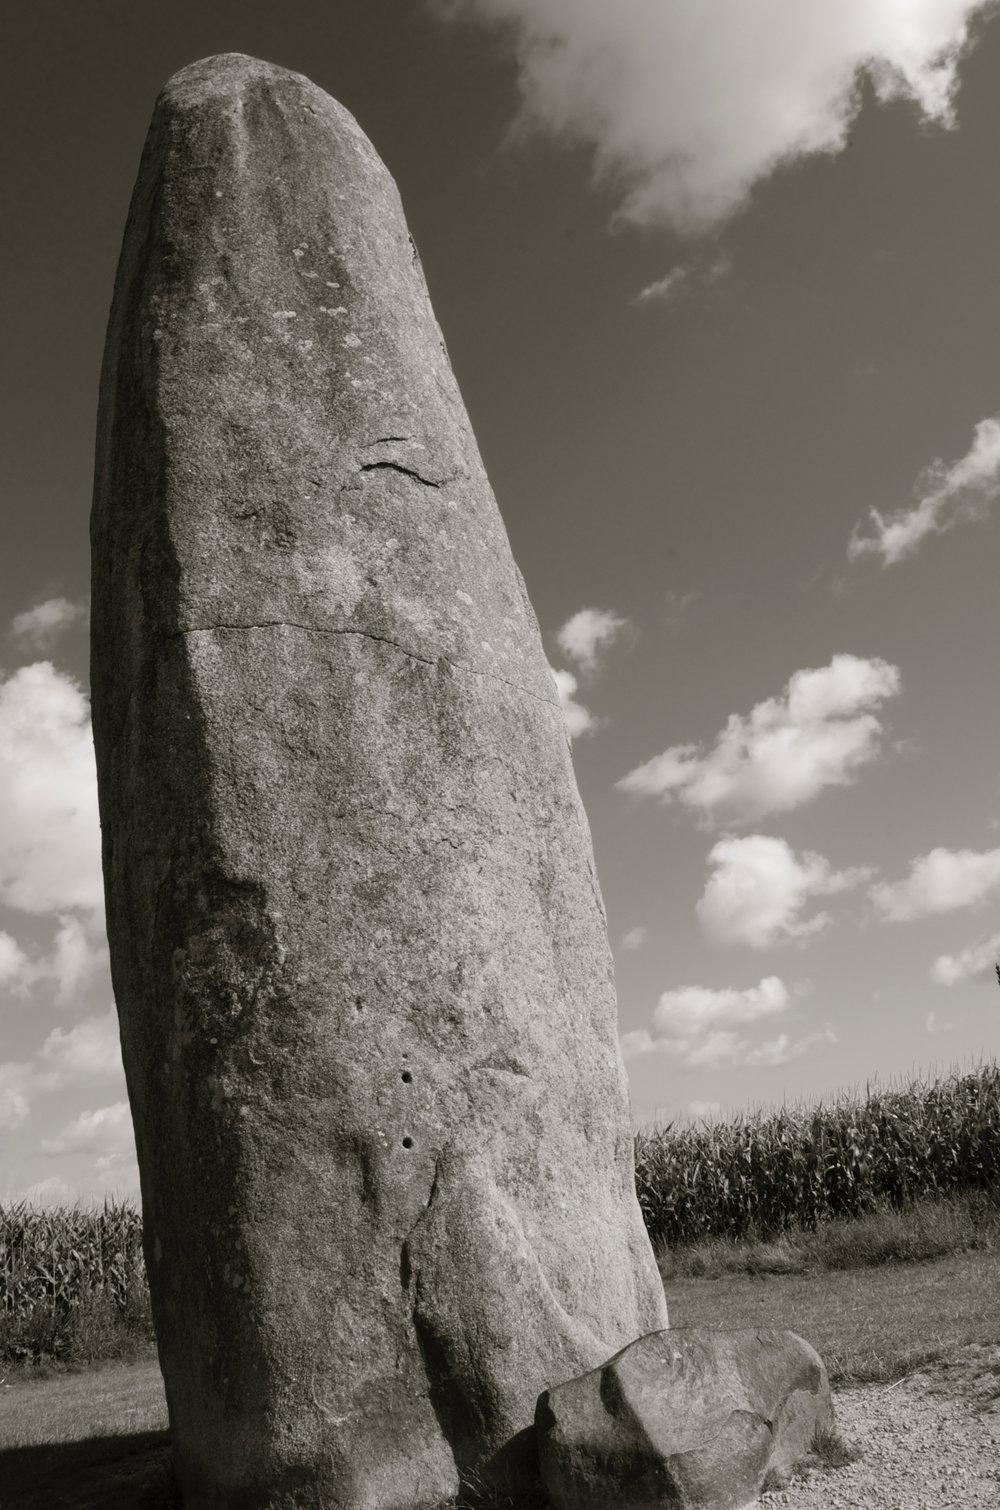 Menhir de Champ-Dolent, Dol-de-Bretagne